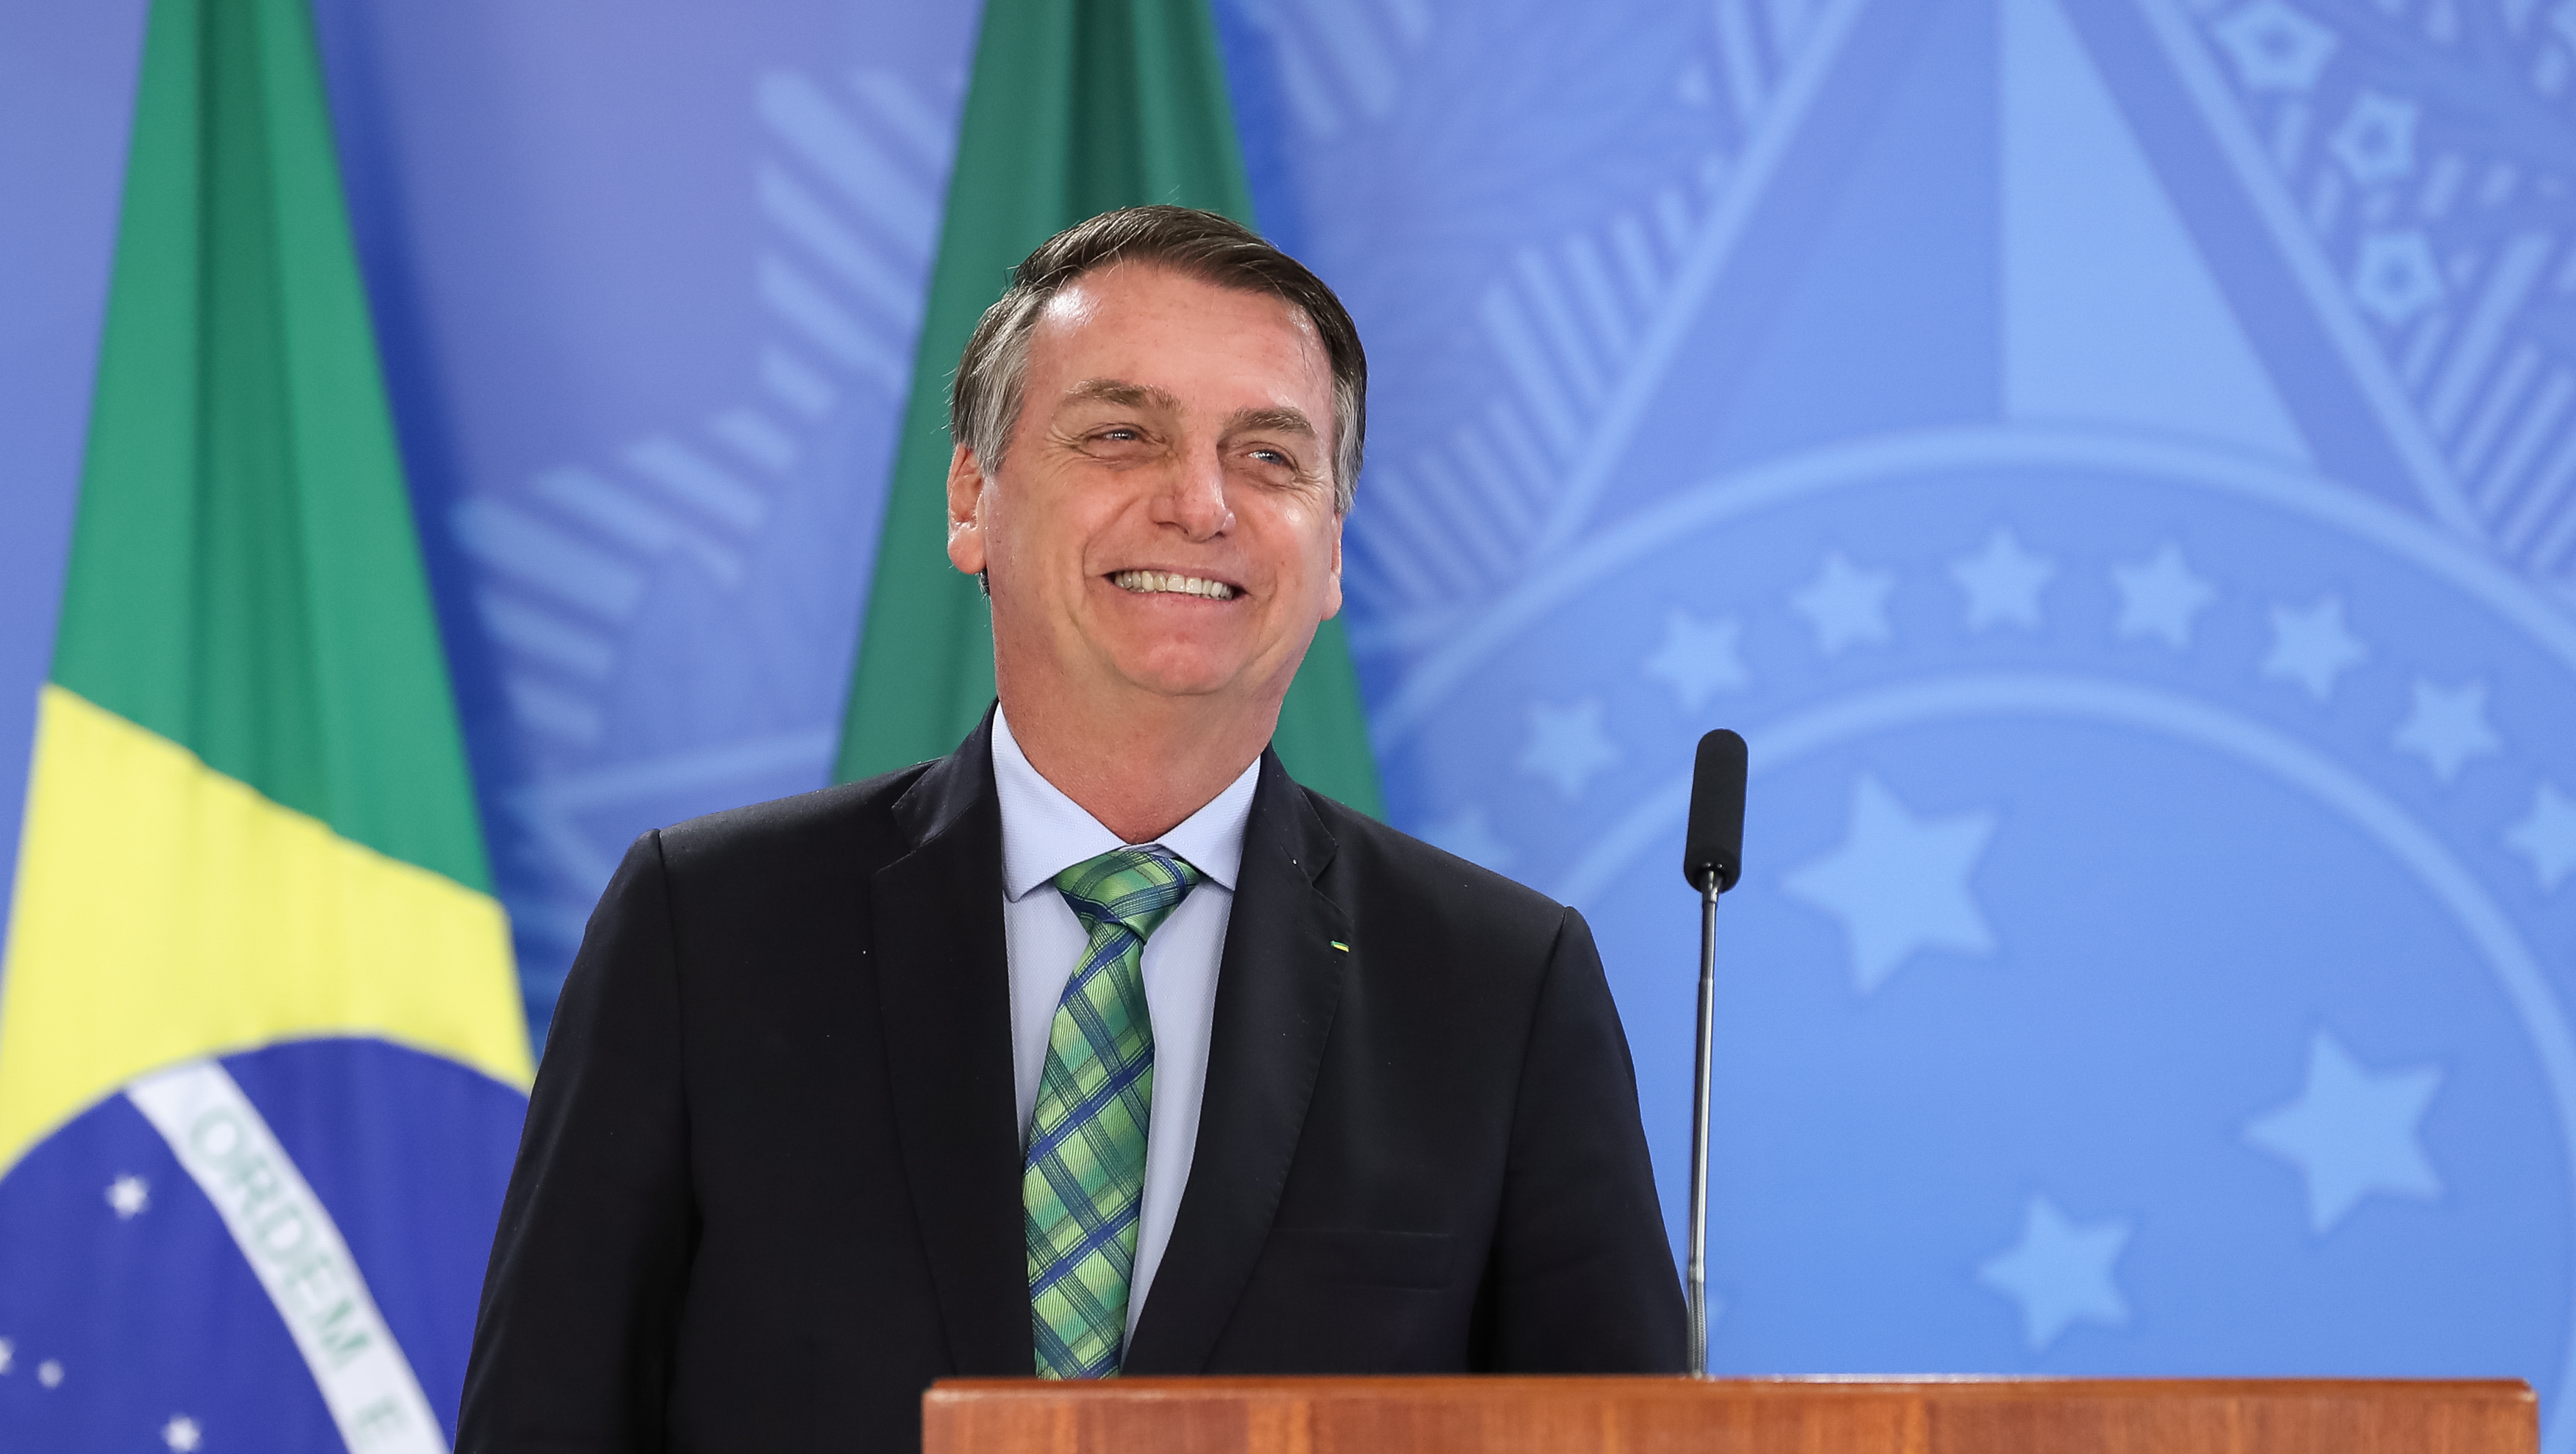 Governo não editará novo decreto de armas e respeitará Câmara, diz porta-voz